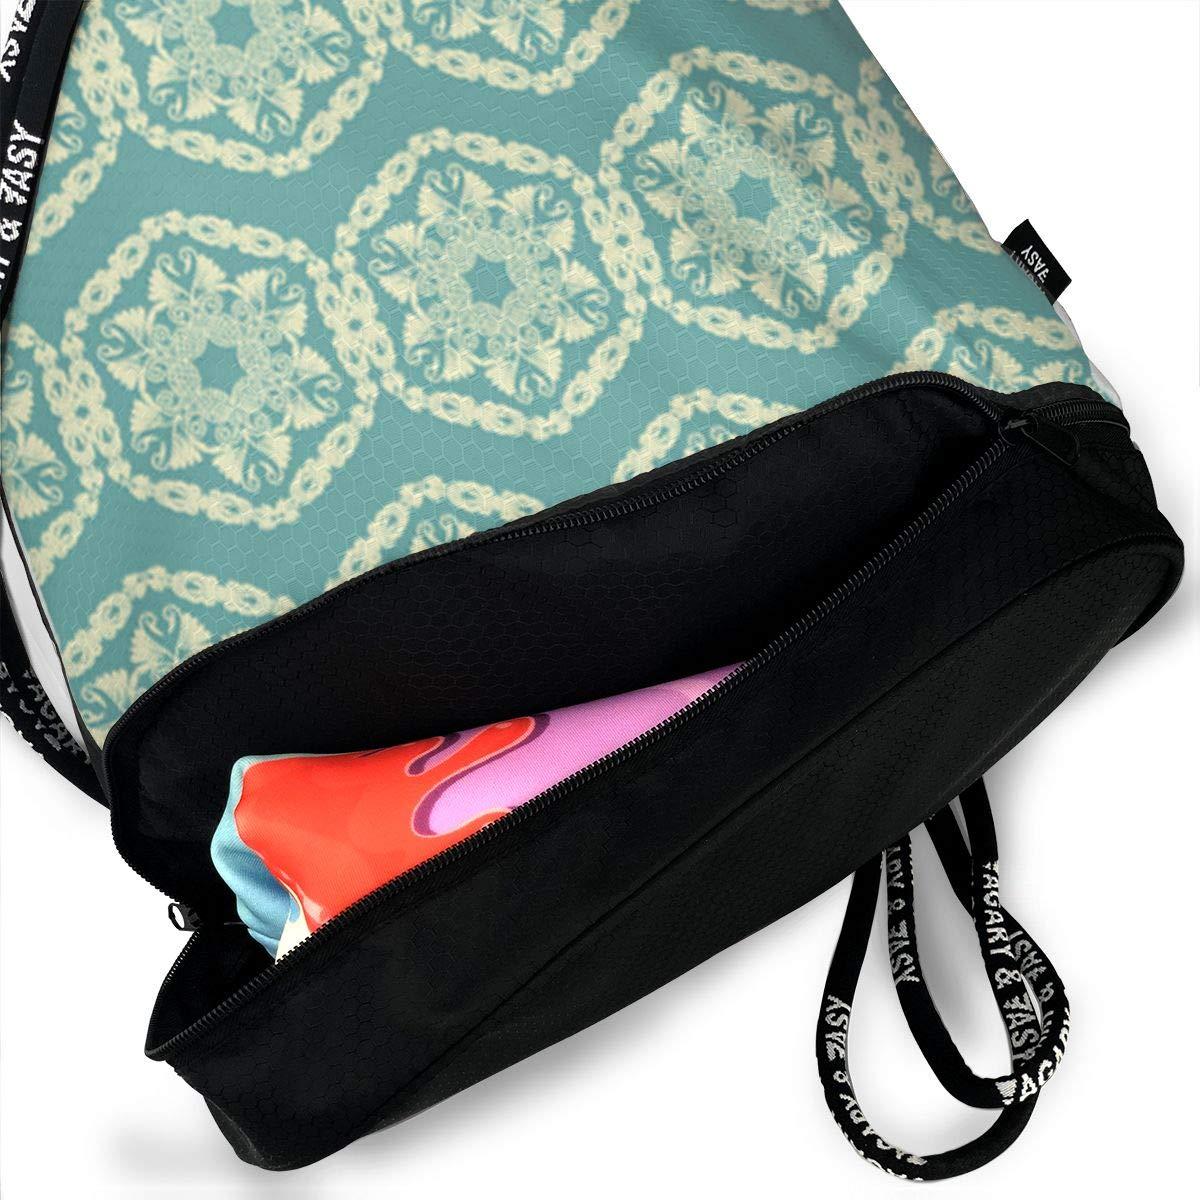 HUOPR5Q Green Drawstring Backpack Sport Gym Sack Shoulder Bulk Bag Dance Bag for School Travel